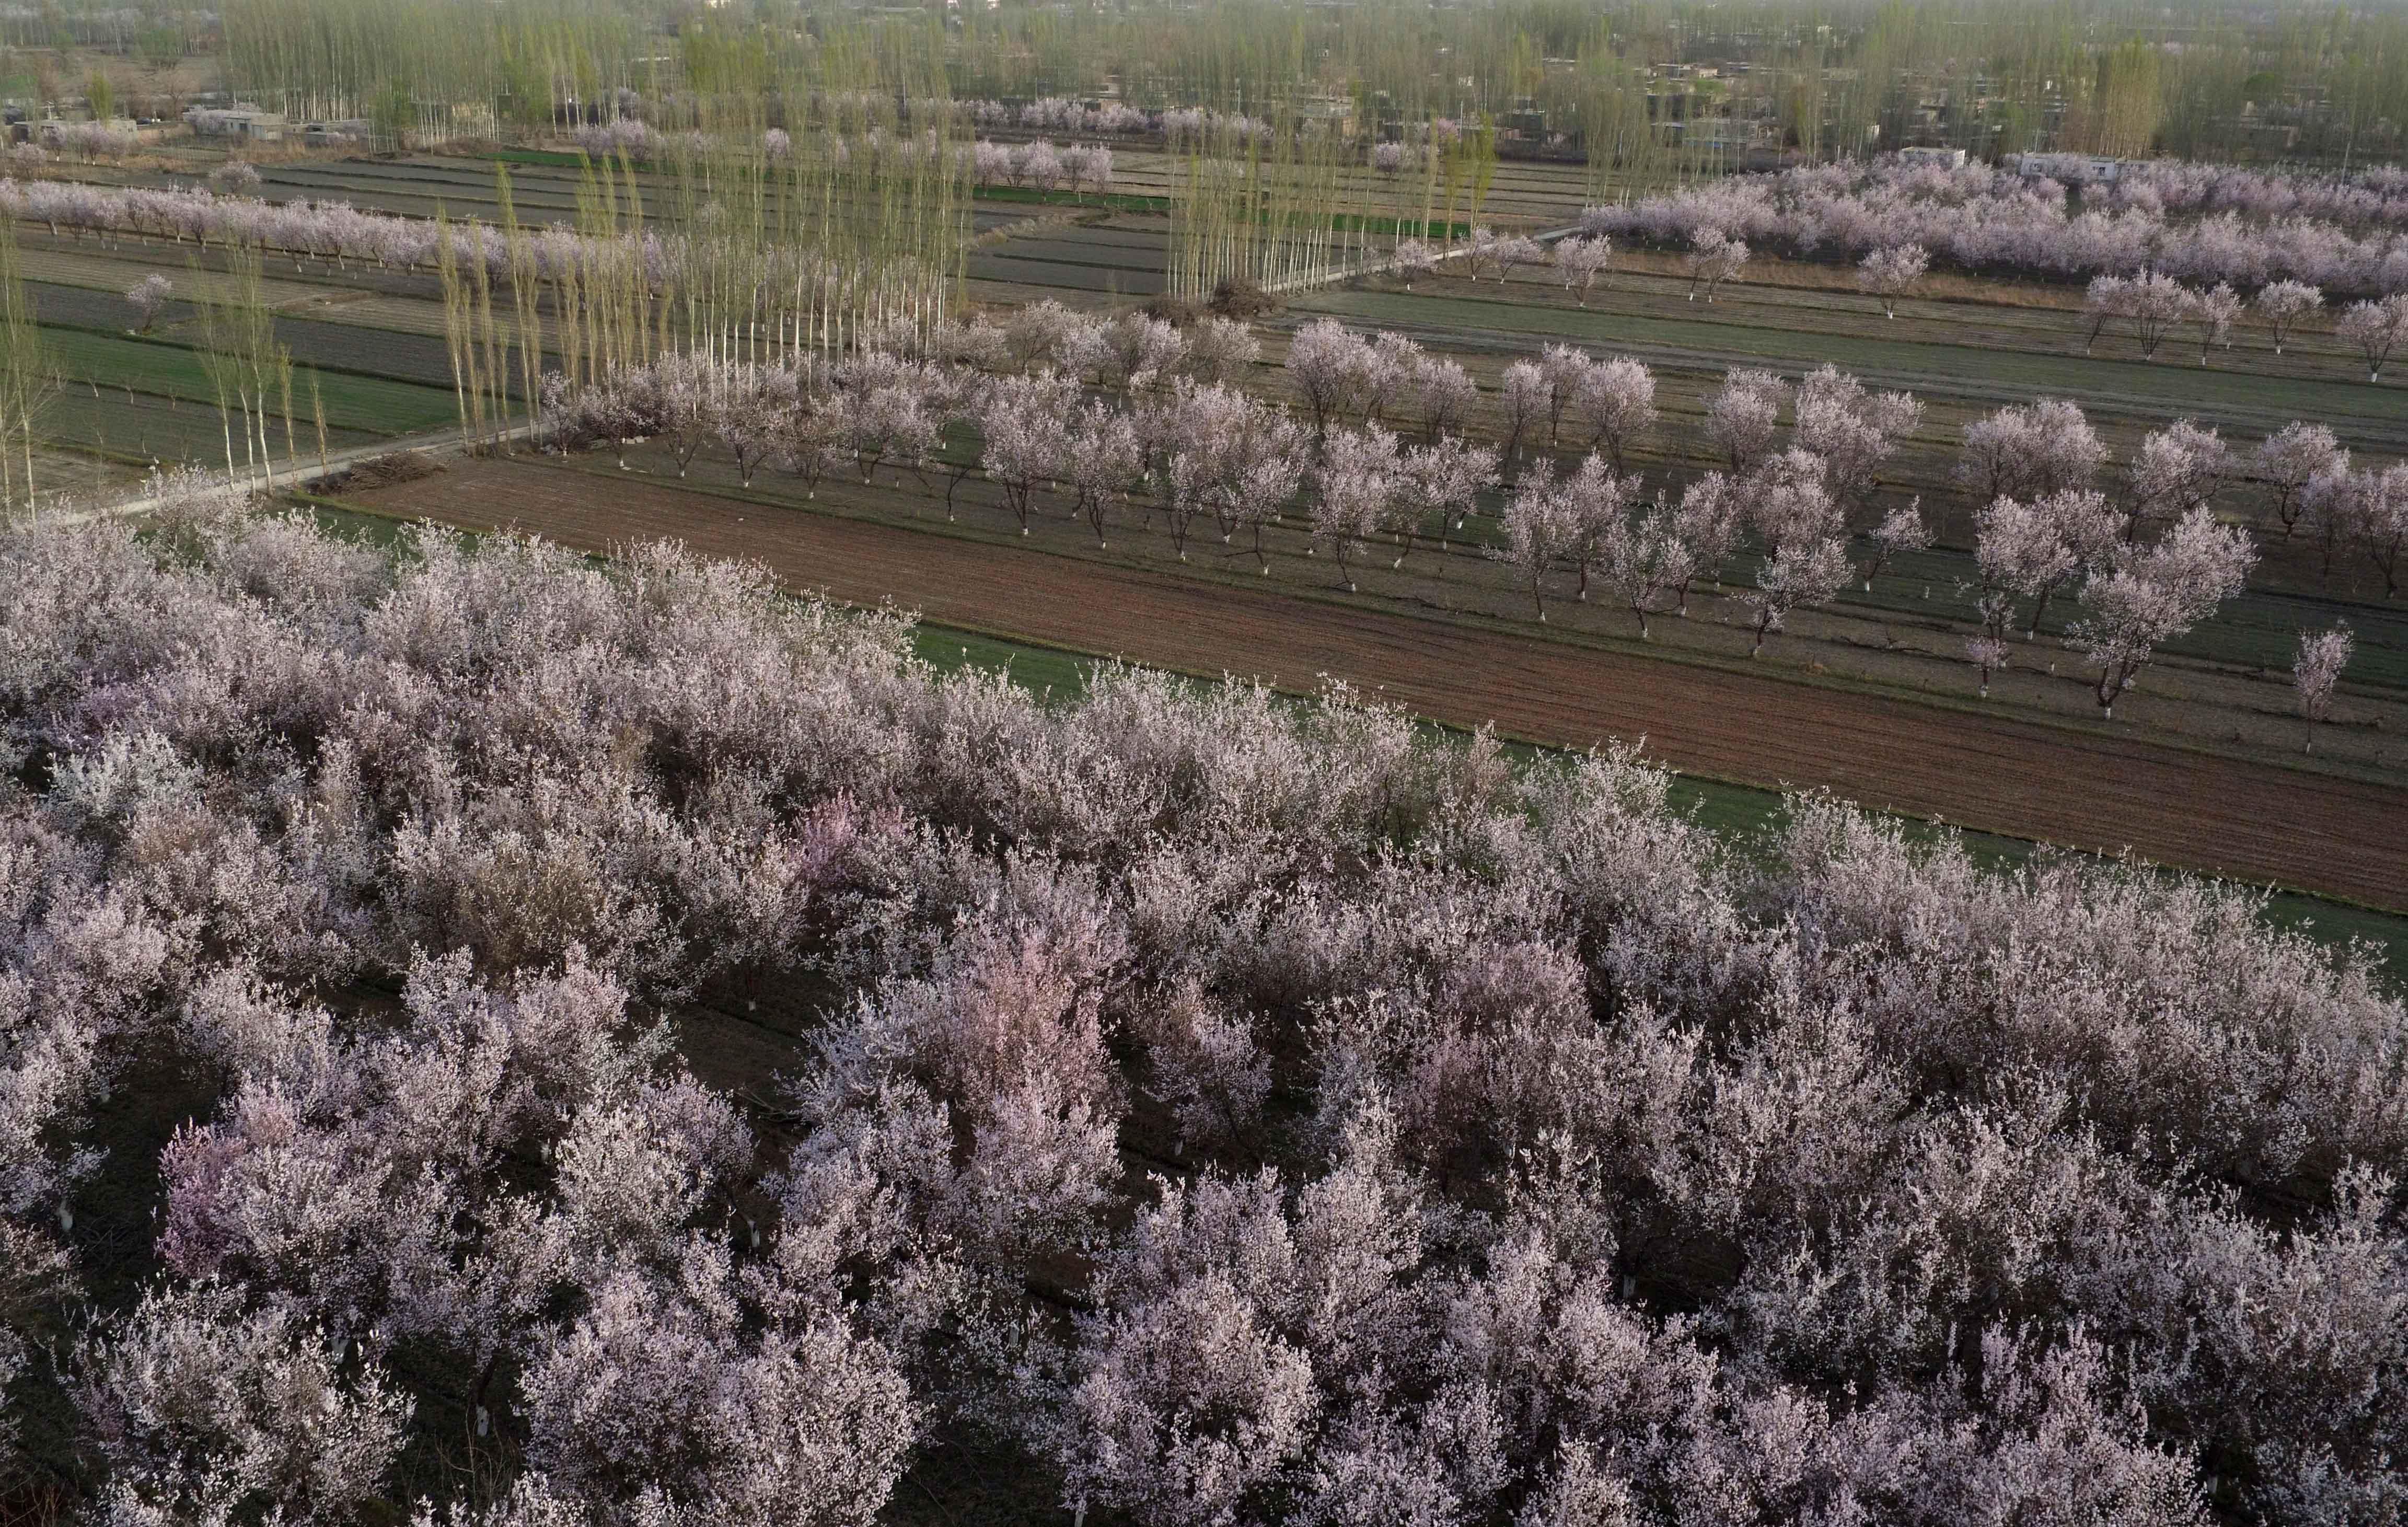 2016年3月29日,航拍的新疆巴音郭楞蒙古自治州轮台县杏花格外美丽。